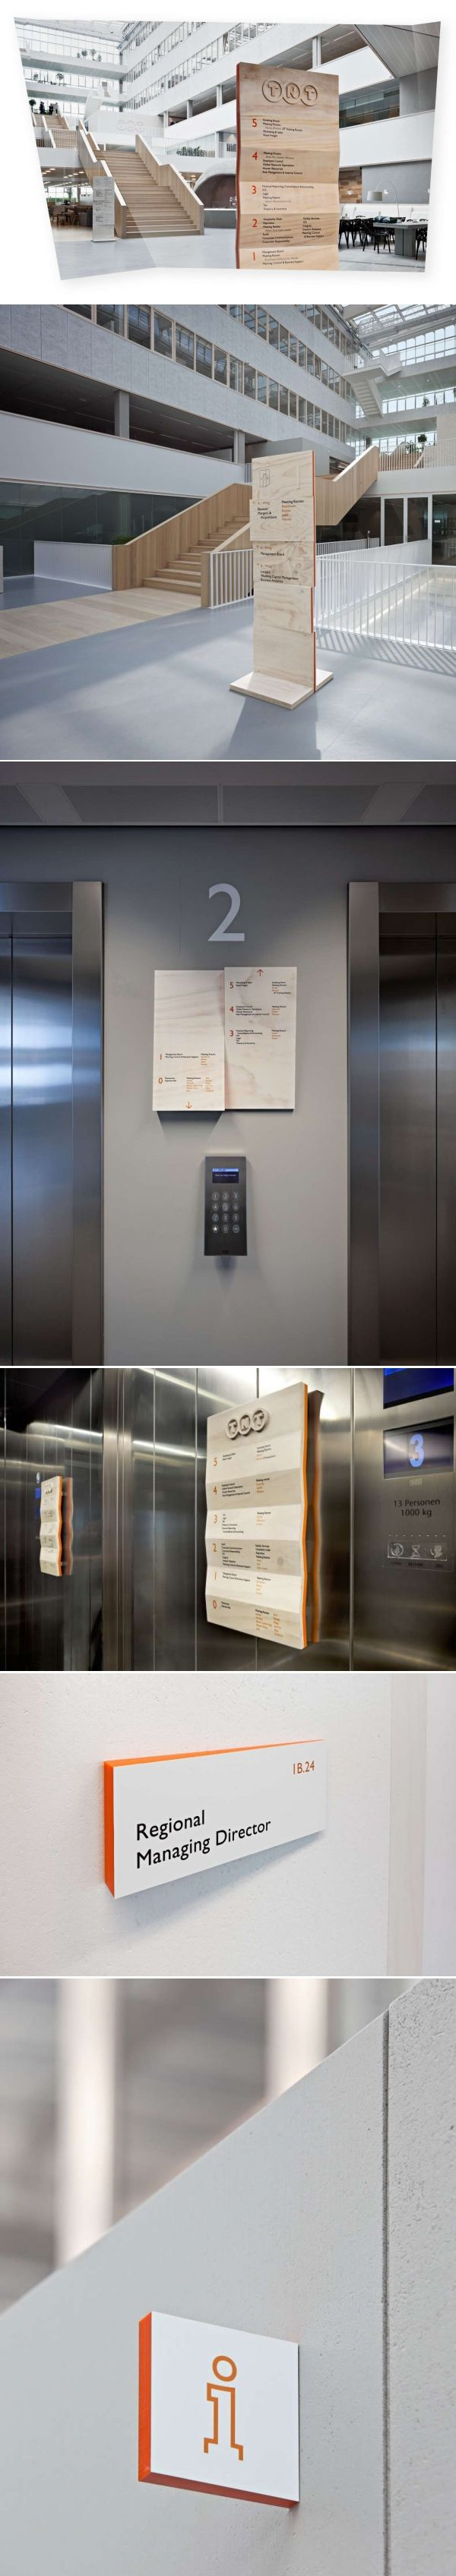 Environmental Graphic Design, Signage Sistems, wayfinding, señaletica para empresas, diseño de locales comerciales